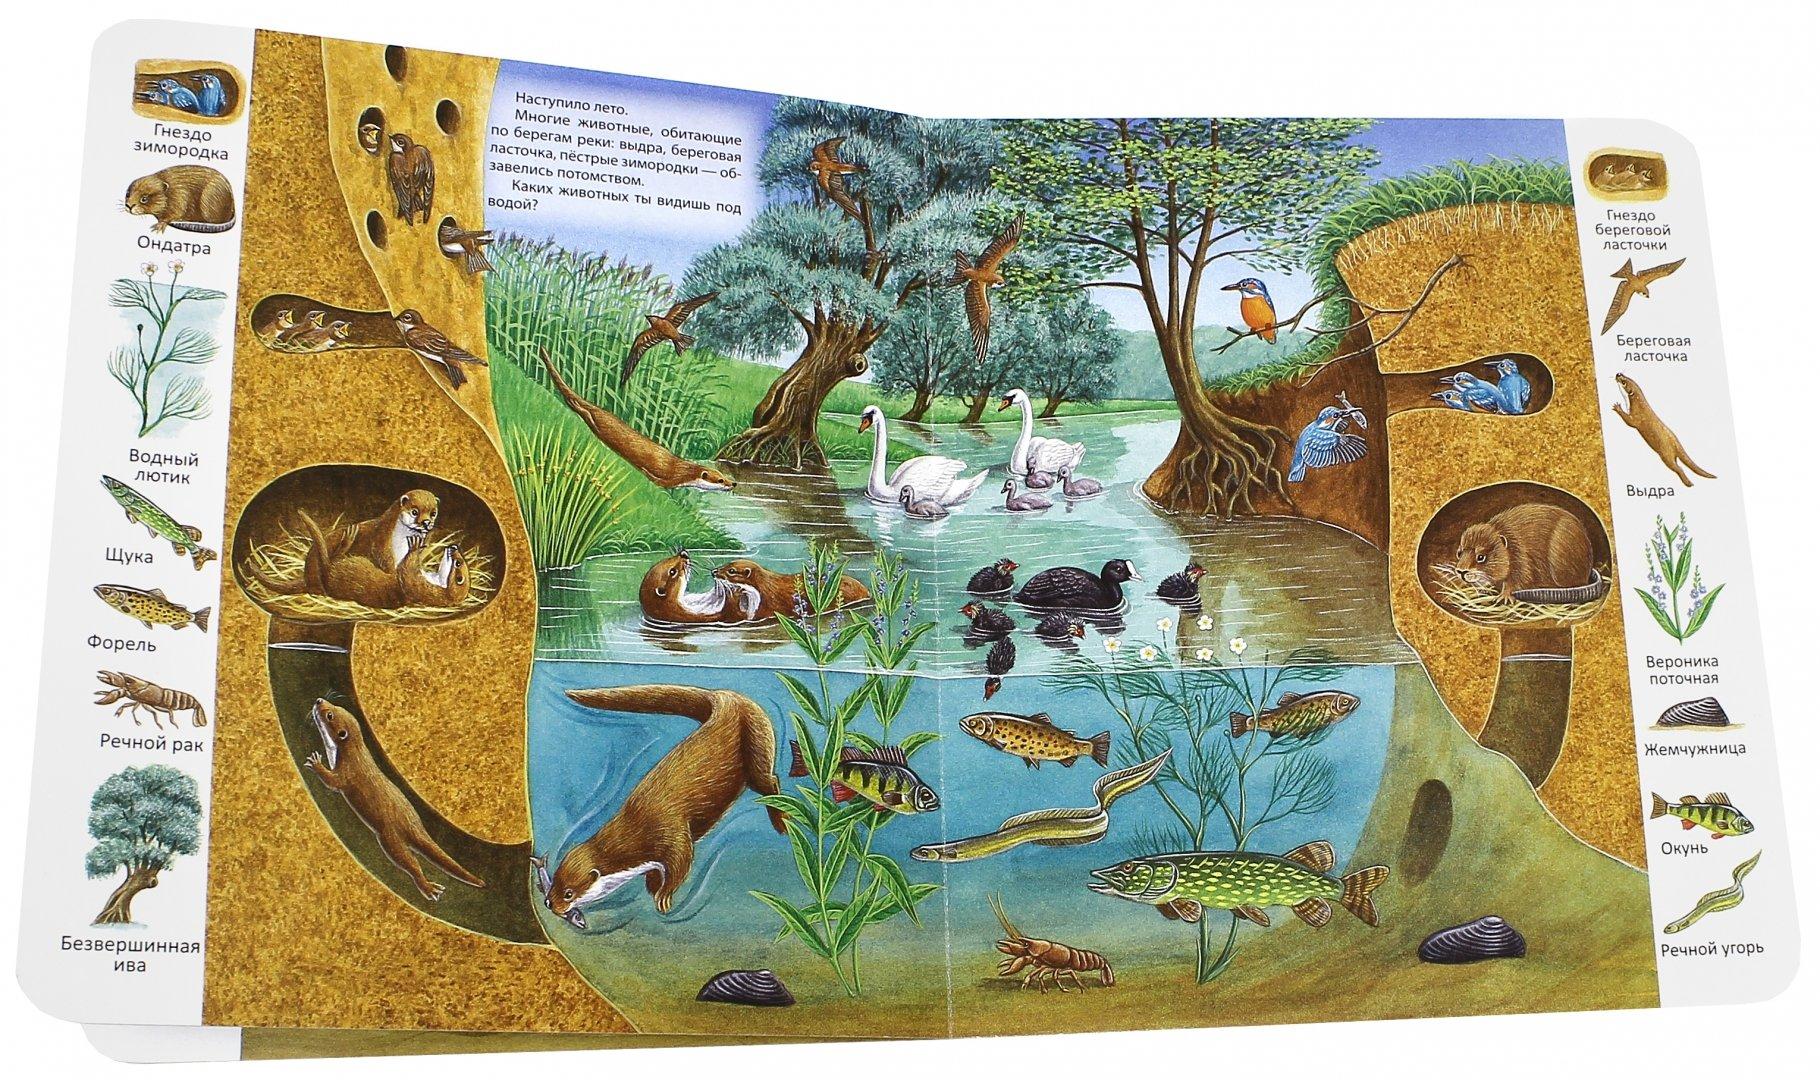 картинки экосистем для доу потом, шашлыки